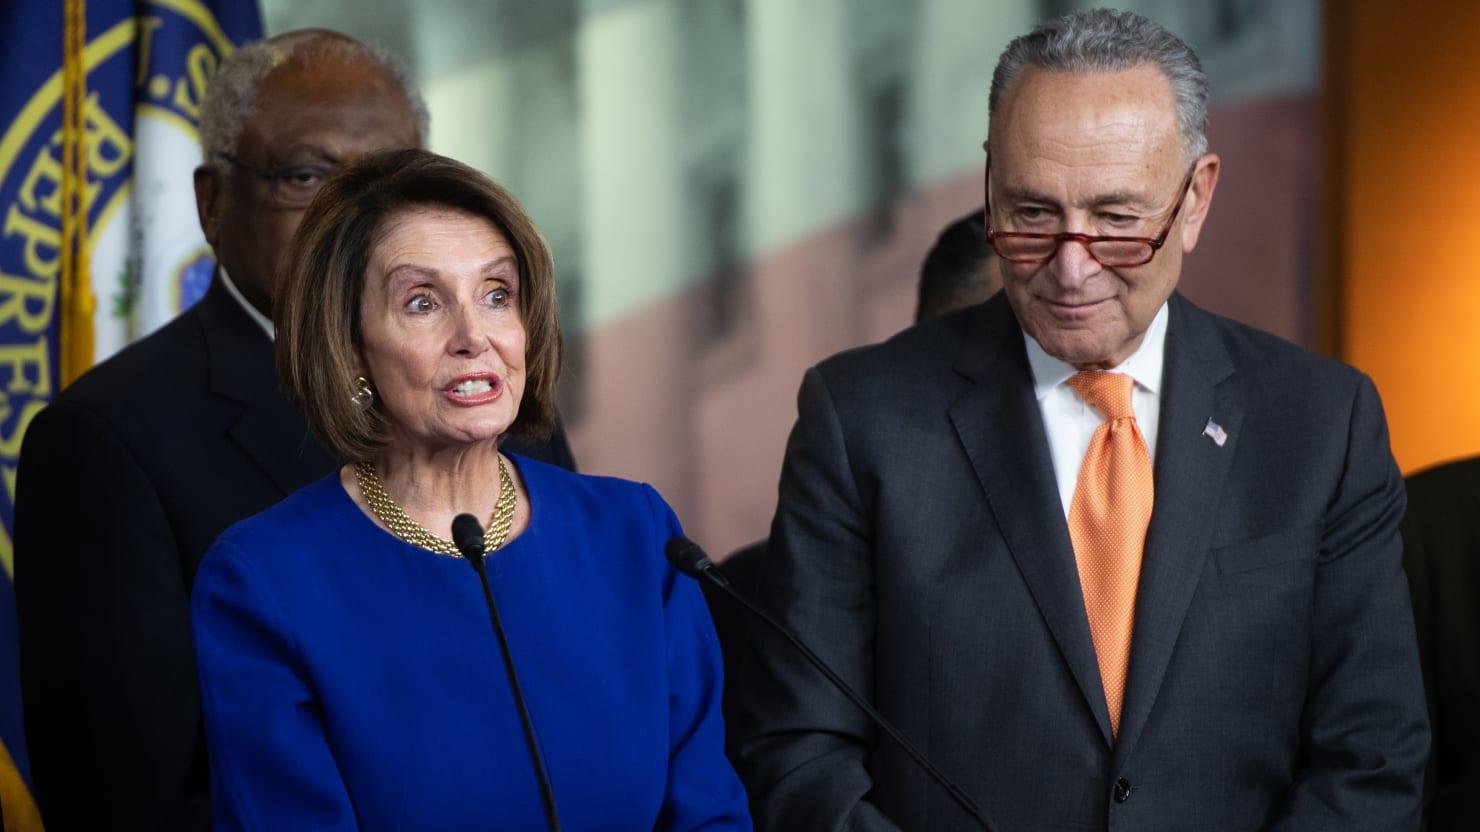 Nancy Pelosi, Chuck Schumer Clap Back at Trump: 'He Threw a Temper Tantrum'